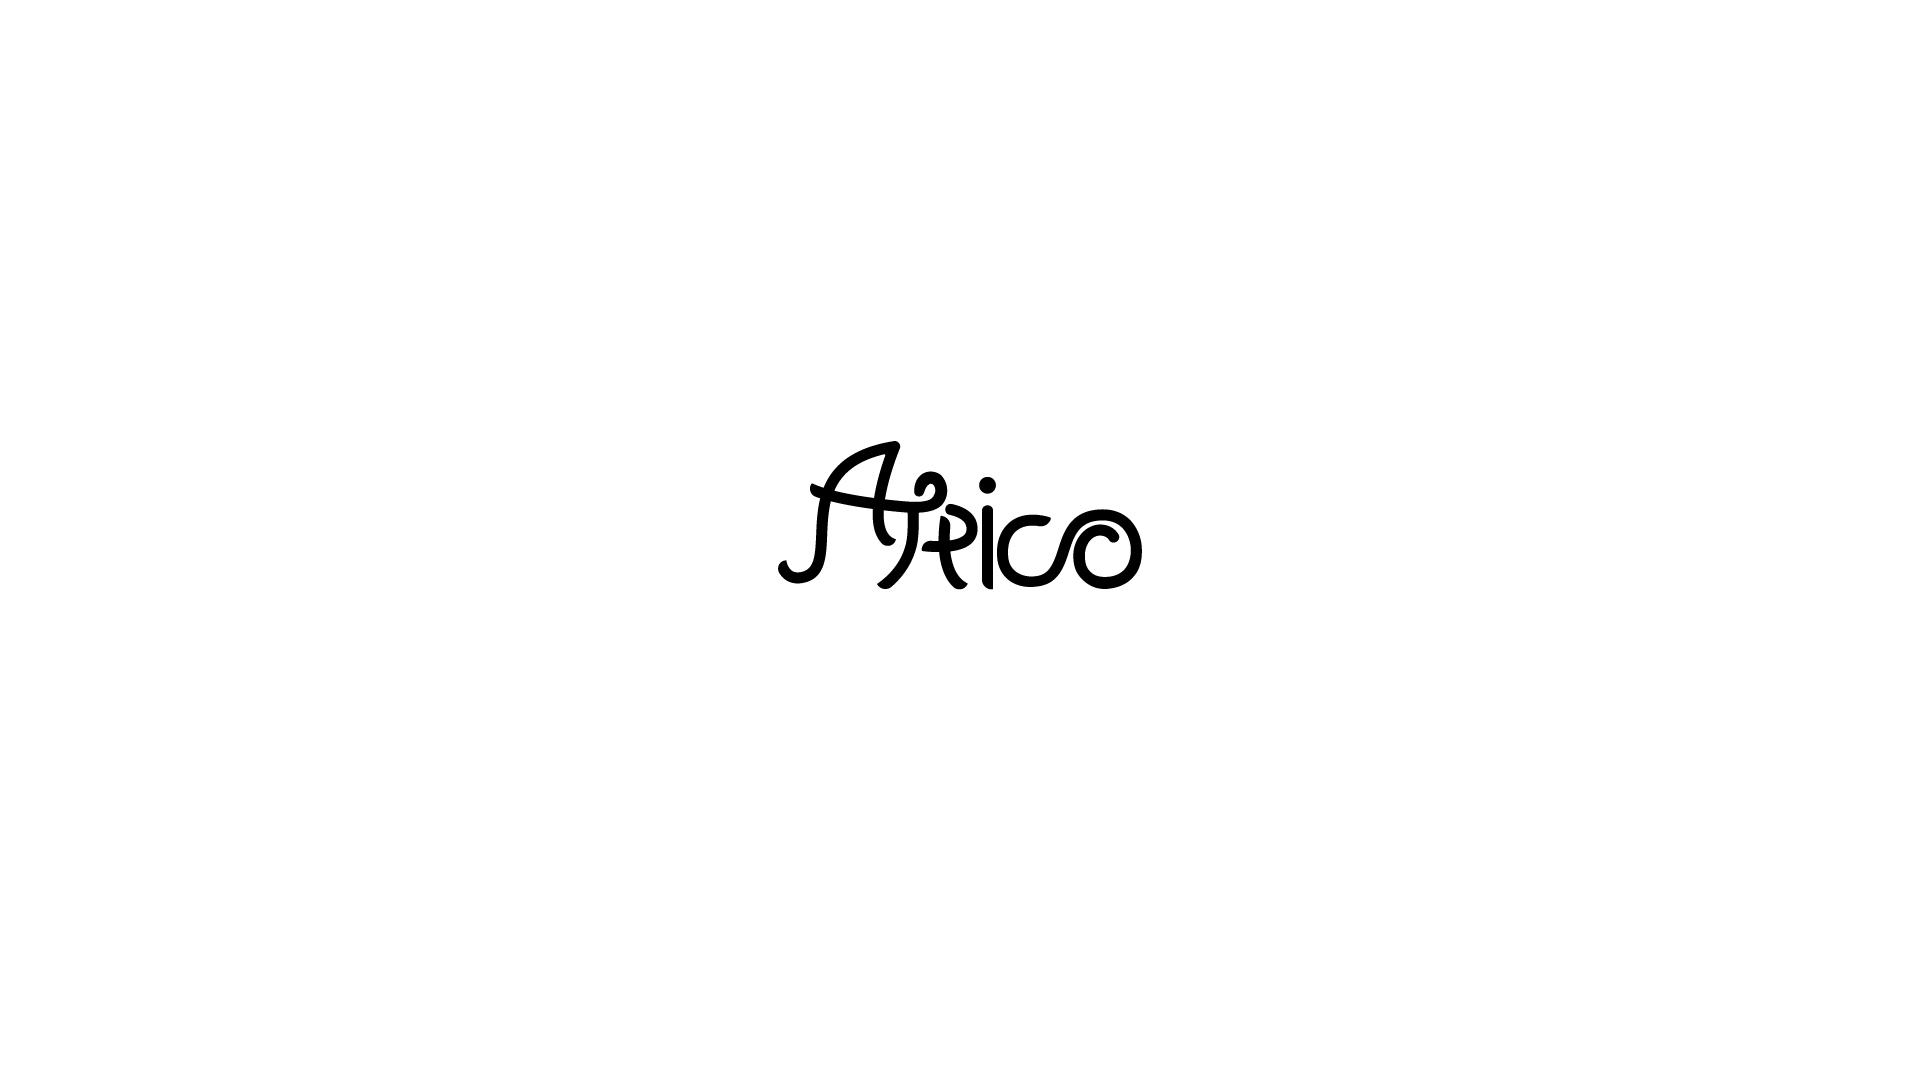 Логотип для брендовой пряжи и трикотажной одежды фото f_9276006890a736f1.jpg